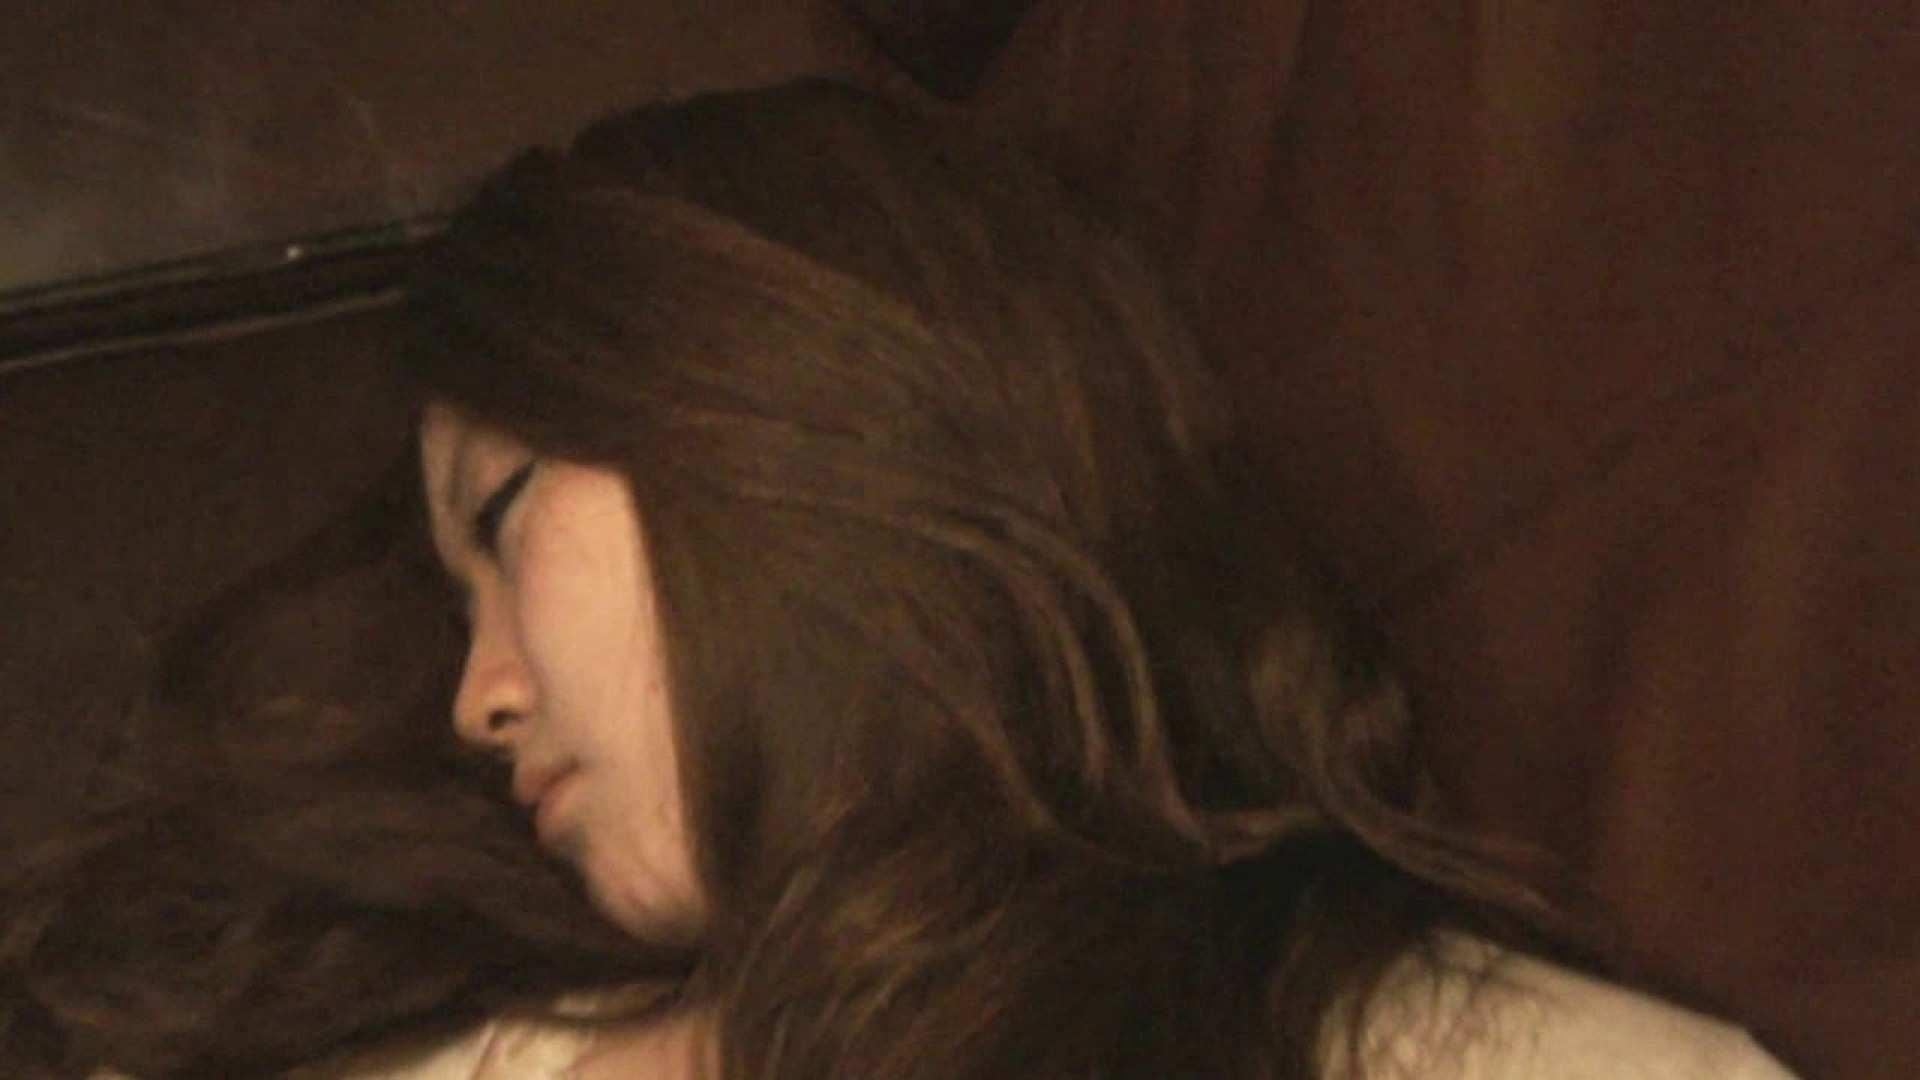 魔術師の お・も・て・な・し vol.10 19歳女子大生にカラオケでイタズラ 女子大生特集  48連発 24